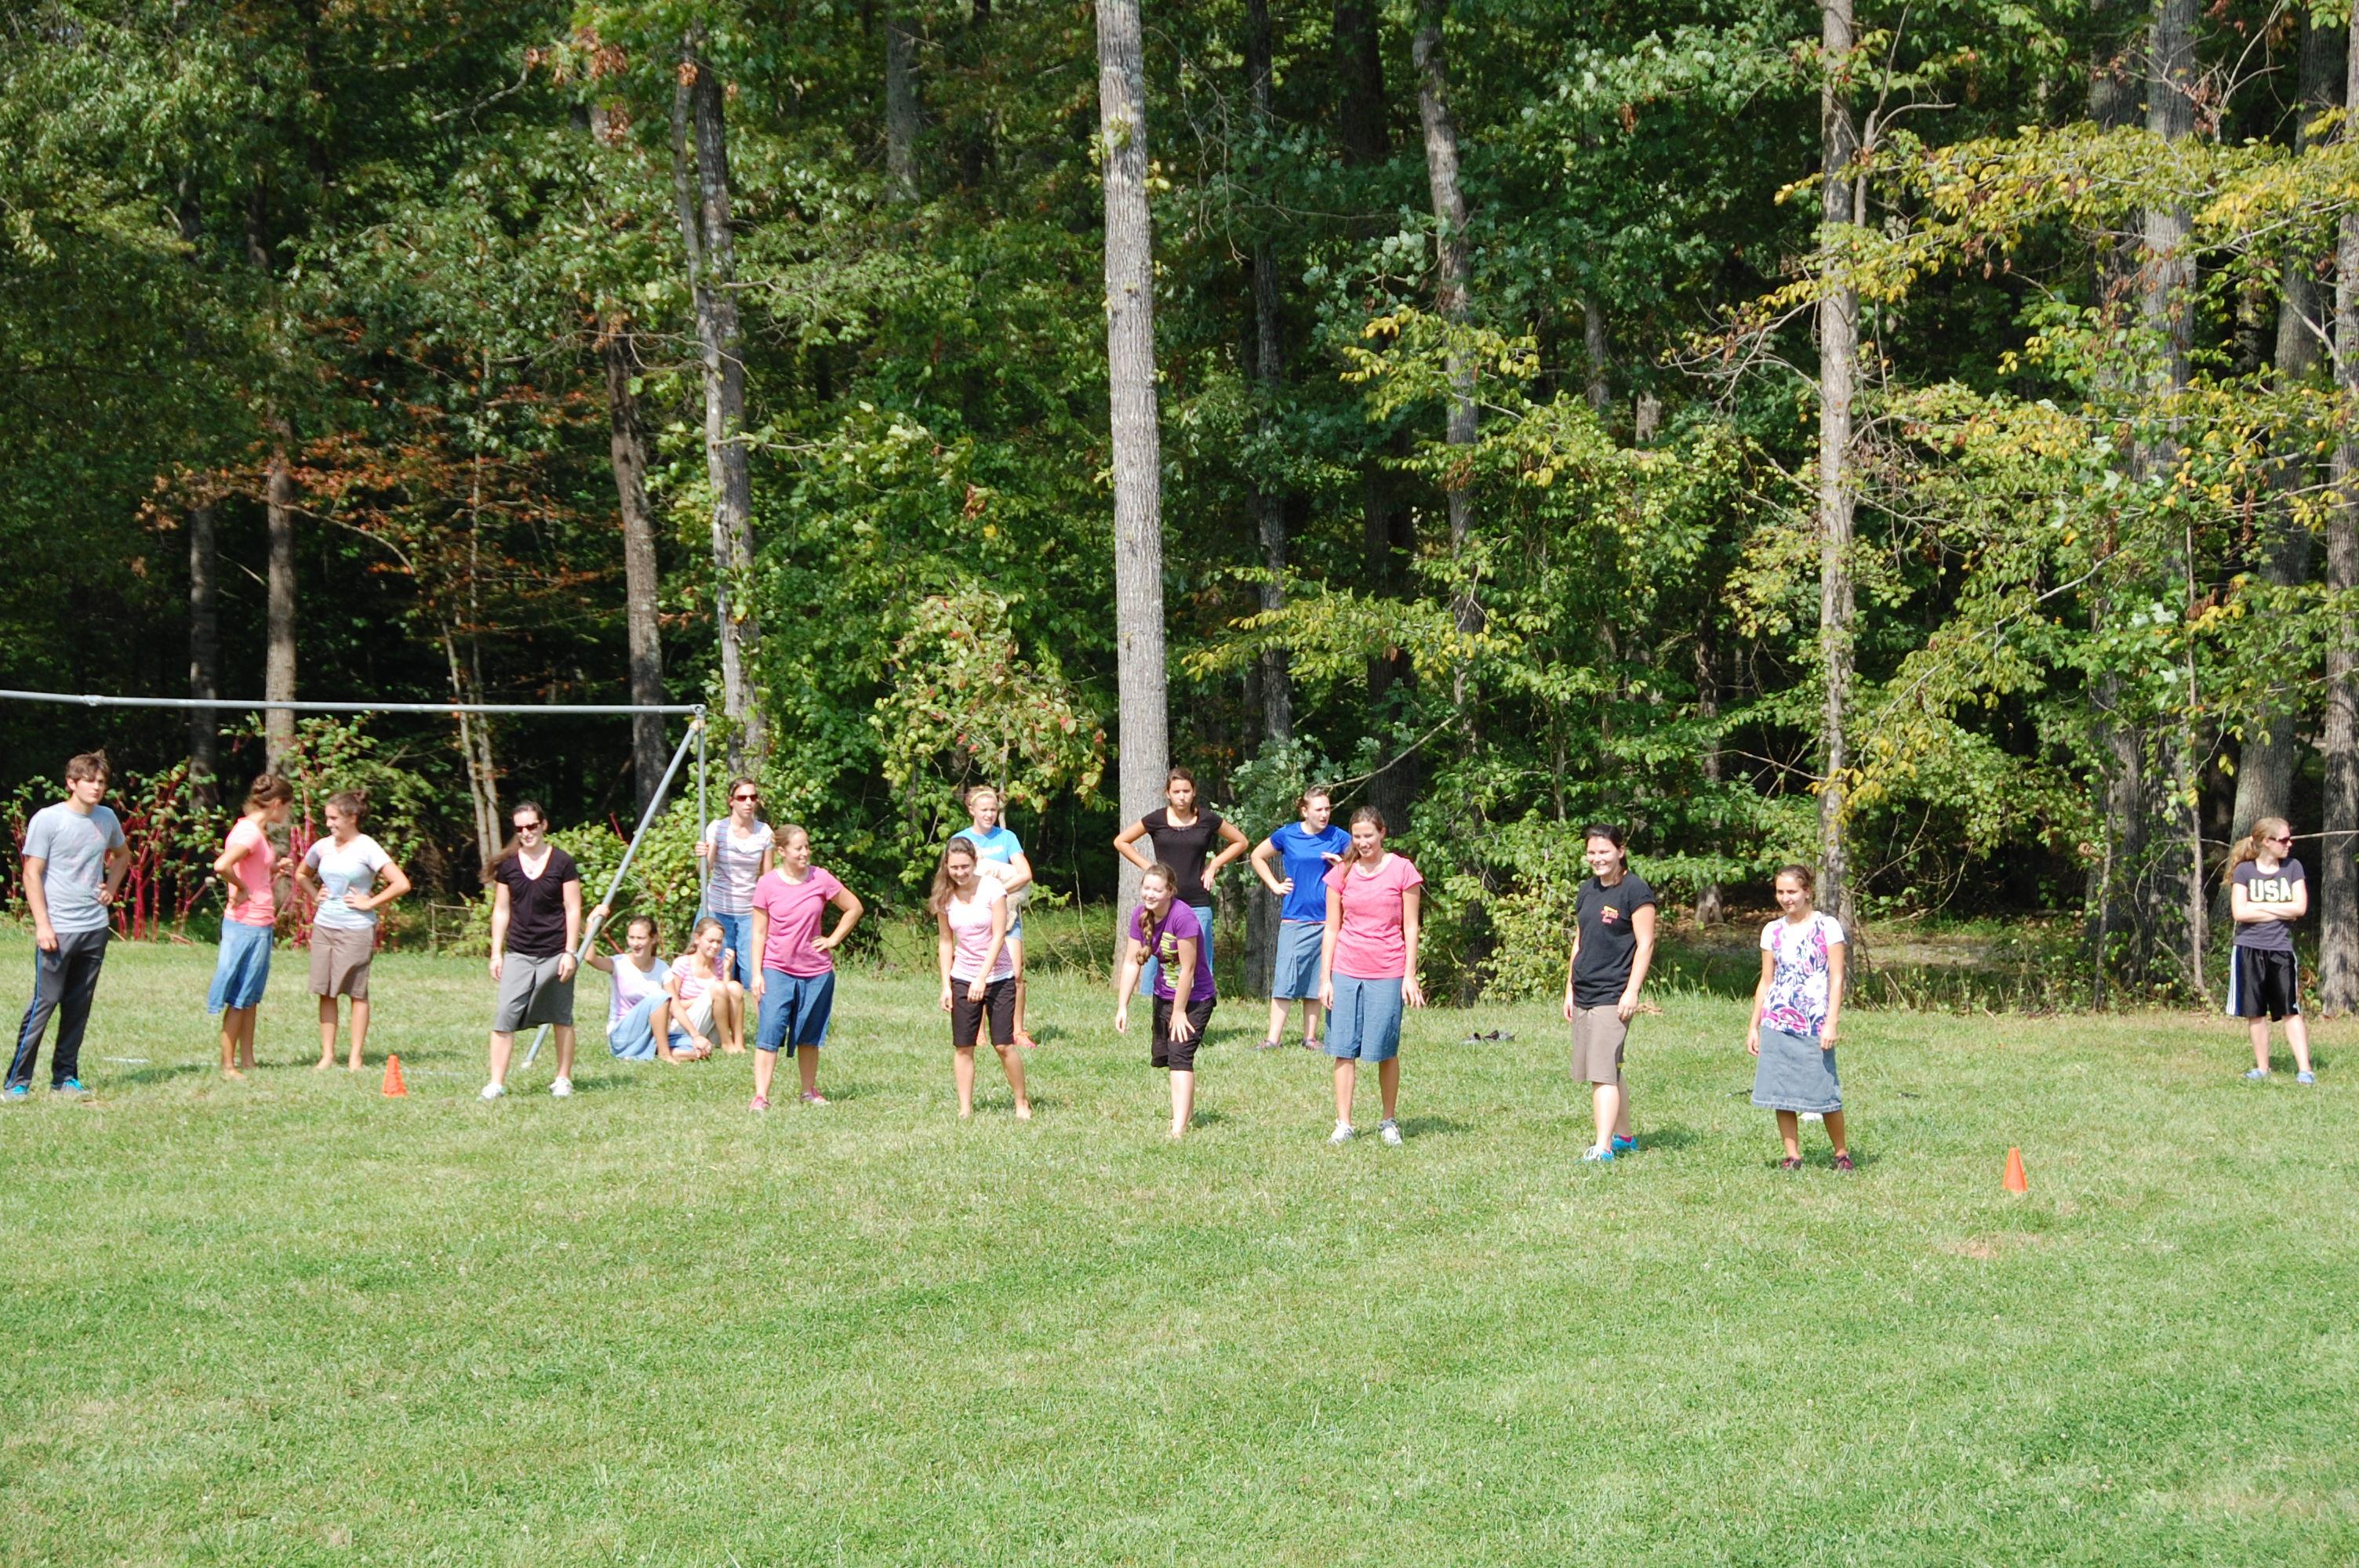 Runners #2: Julie Seaborn, Jana Corle, Kaitlin Boyd, Bronwyn Cotte, Brittney Balderson, Kristen Clem, Callie Patton